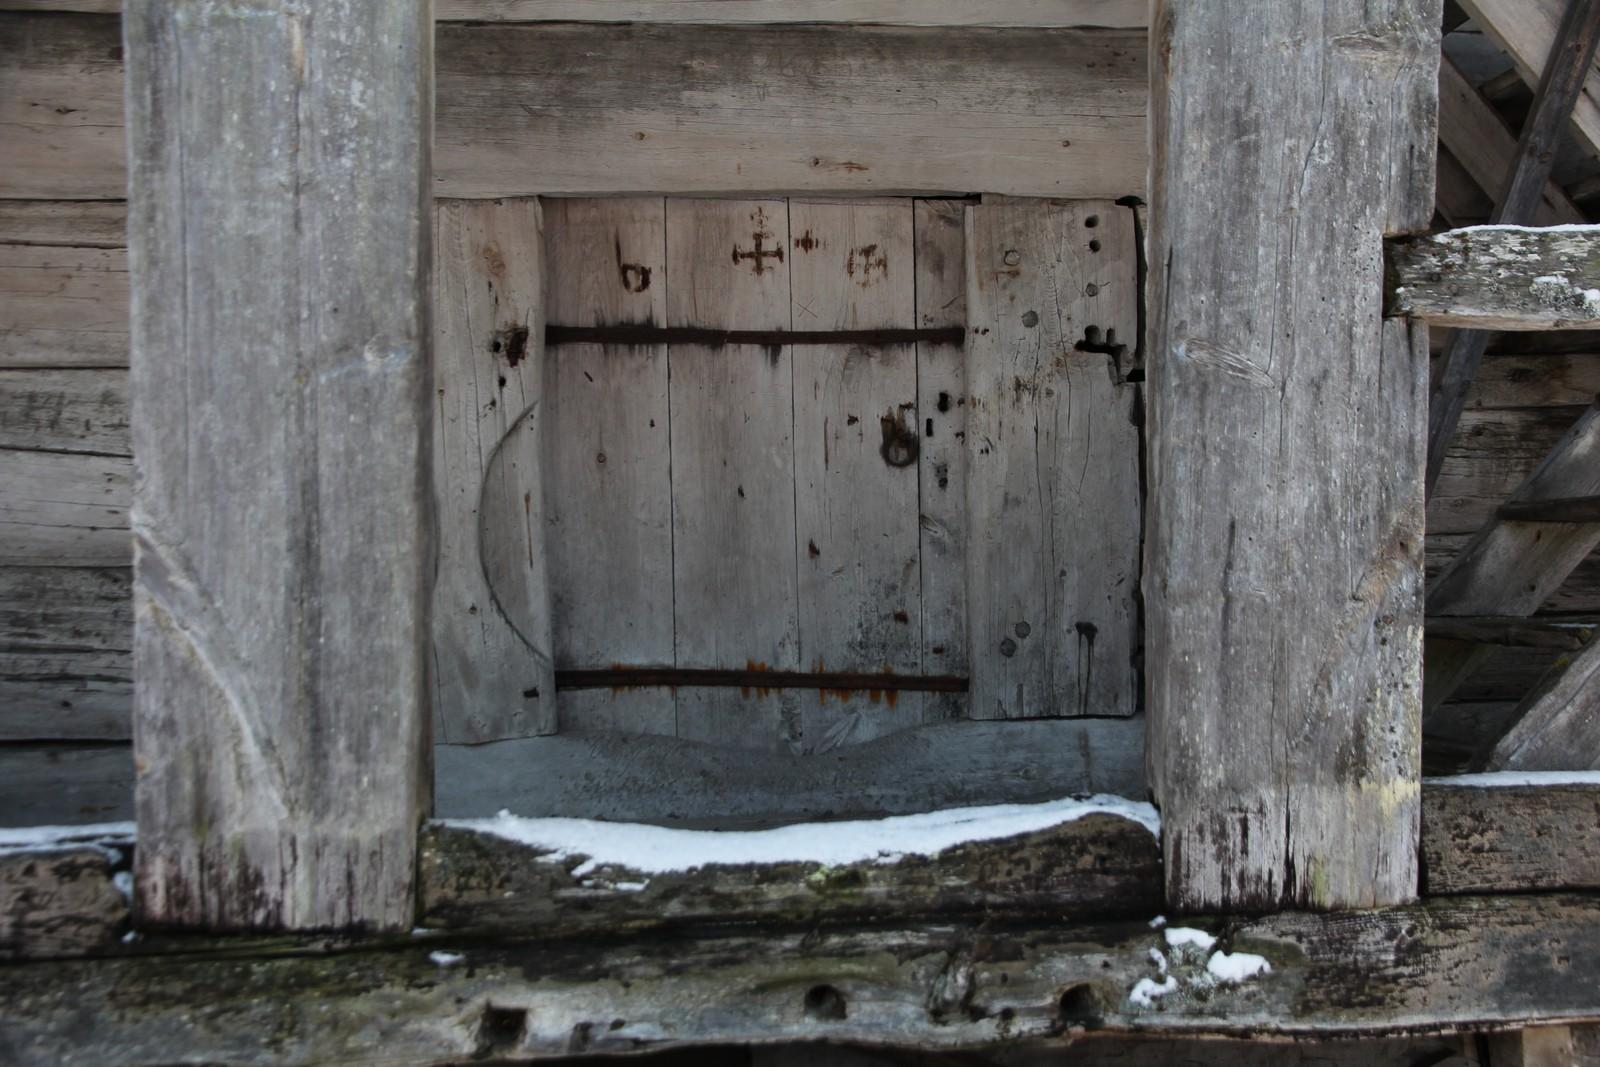 På døra er det noen tjærekryss for å beskytte maten. Spesielt på julaften var det visstnok mye skummelt ute, og da var det godt å ha slike kryss.